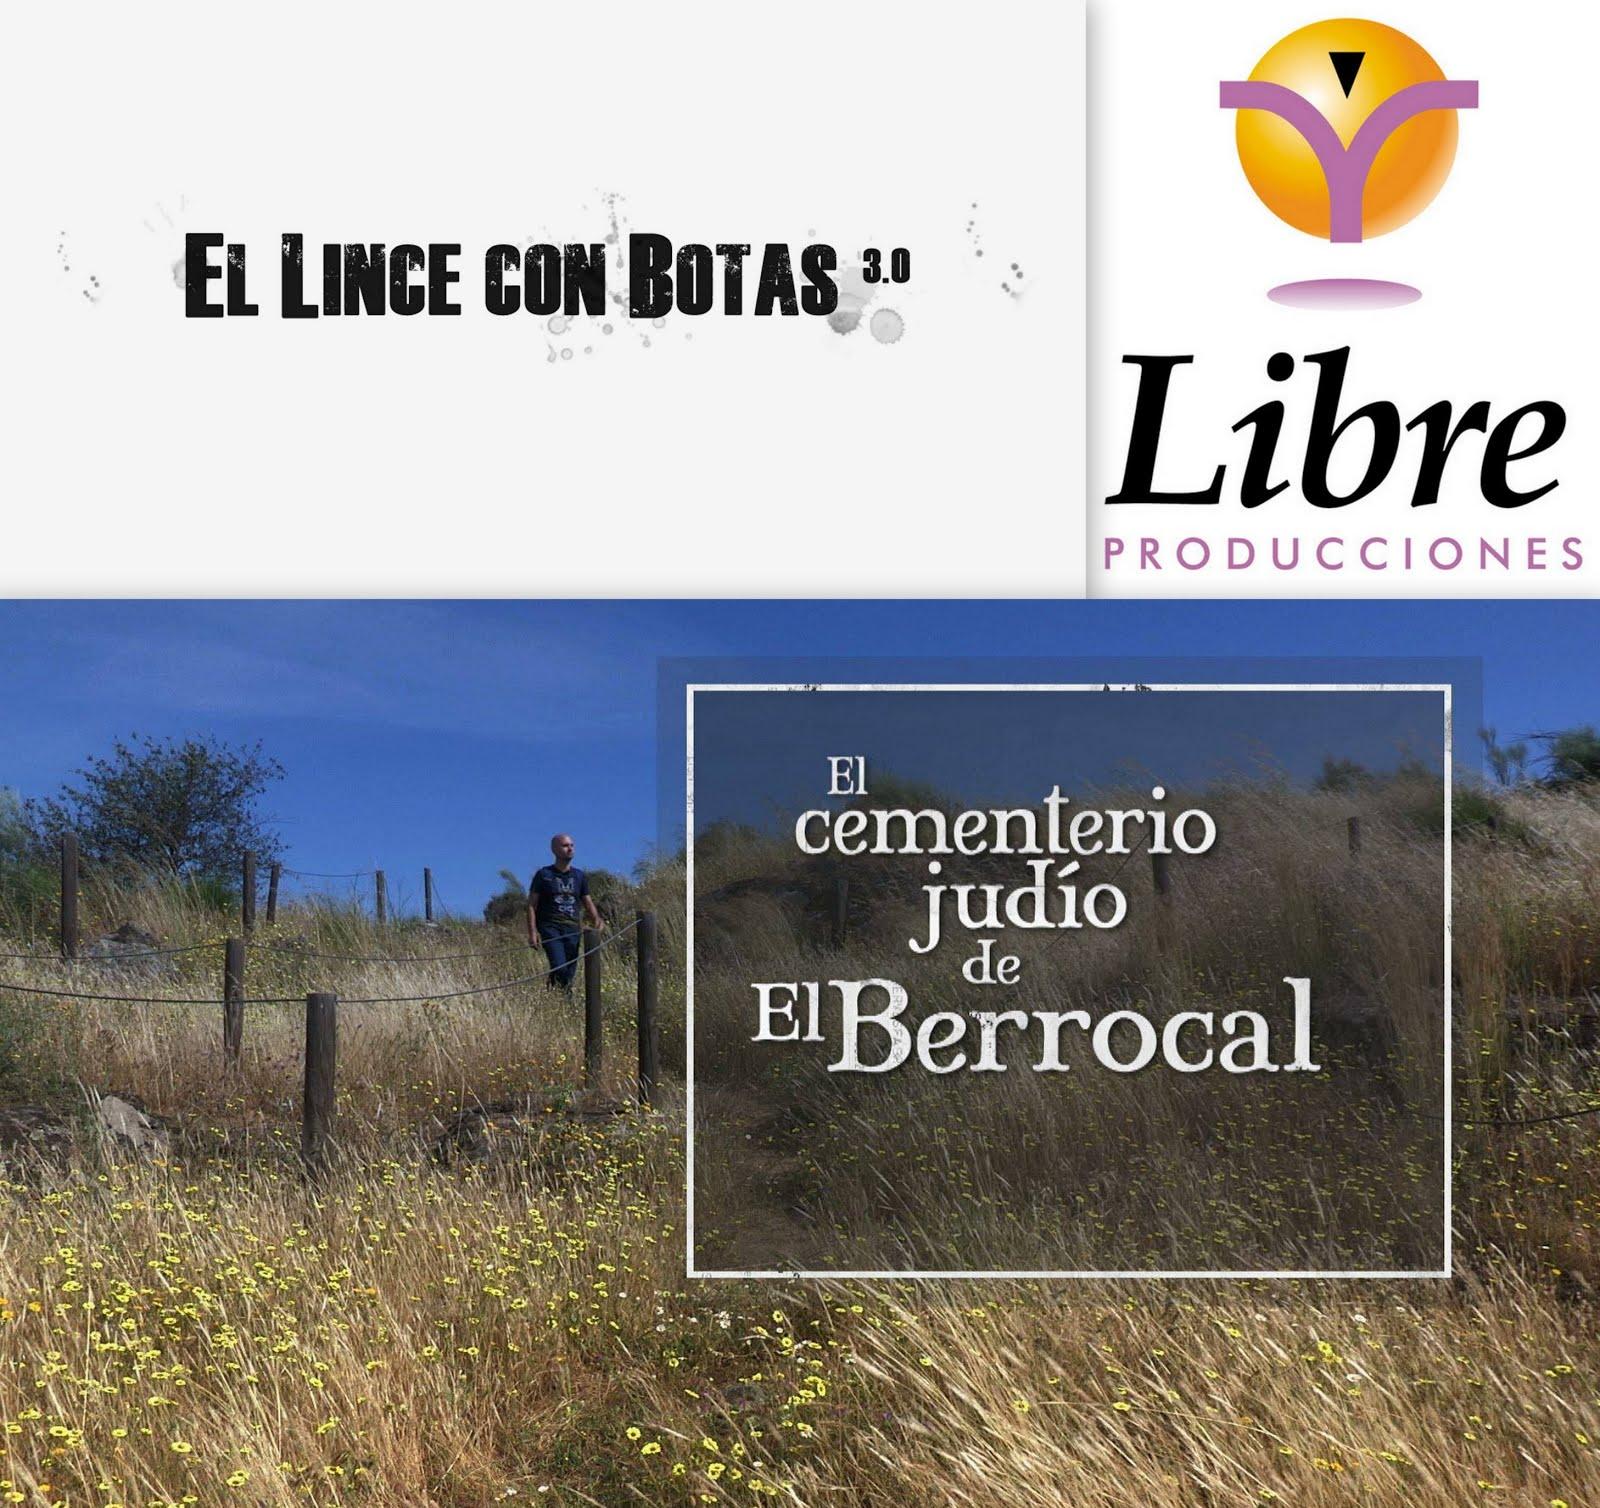 El lince con botas 3.0: El cementerio judío de El Berrocal (Plasencia)